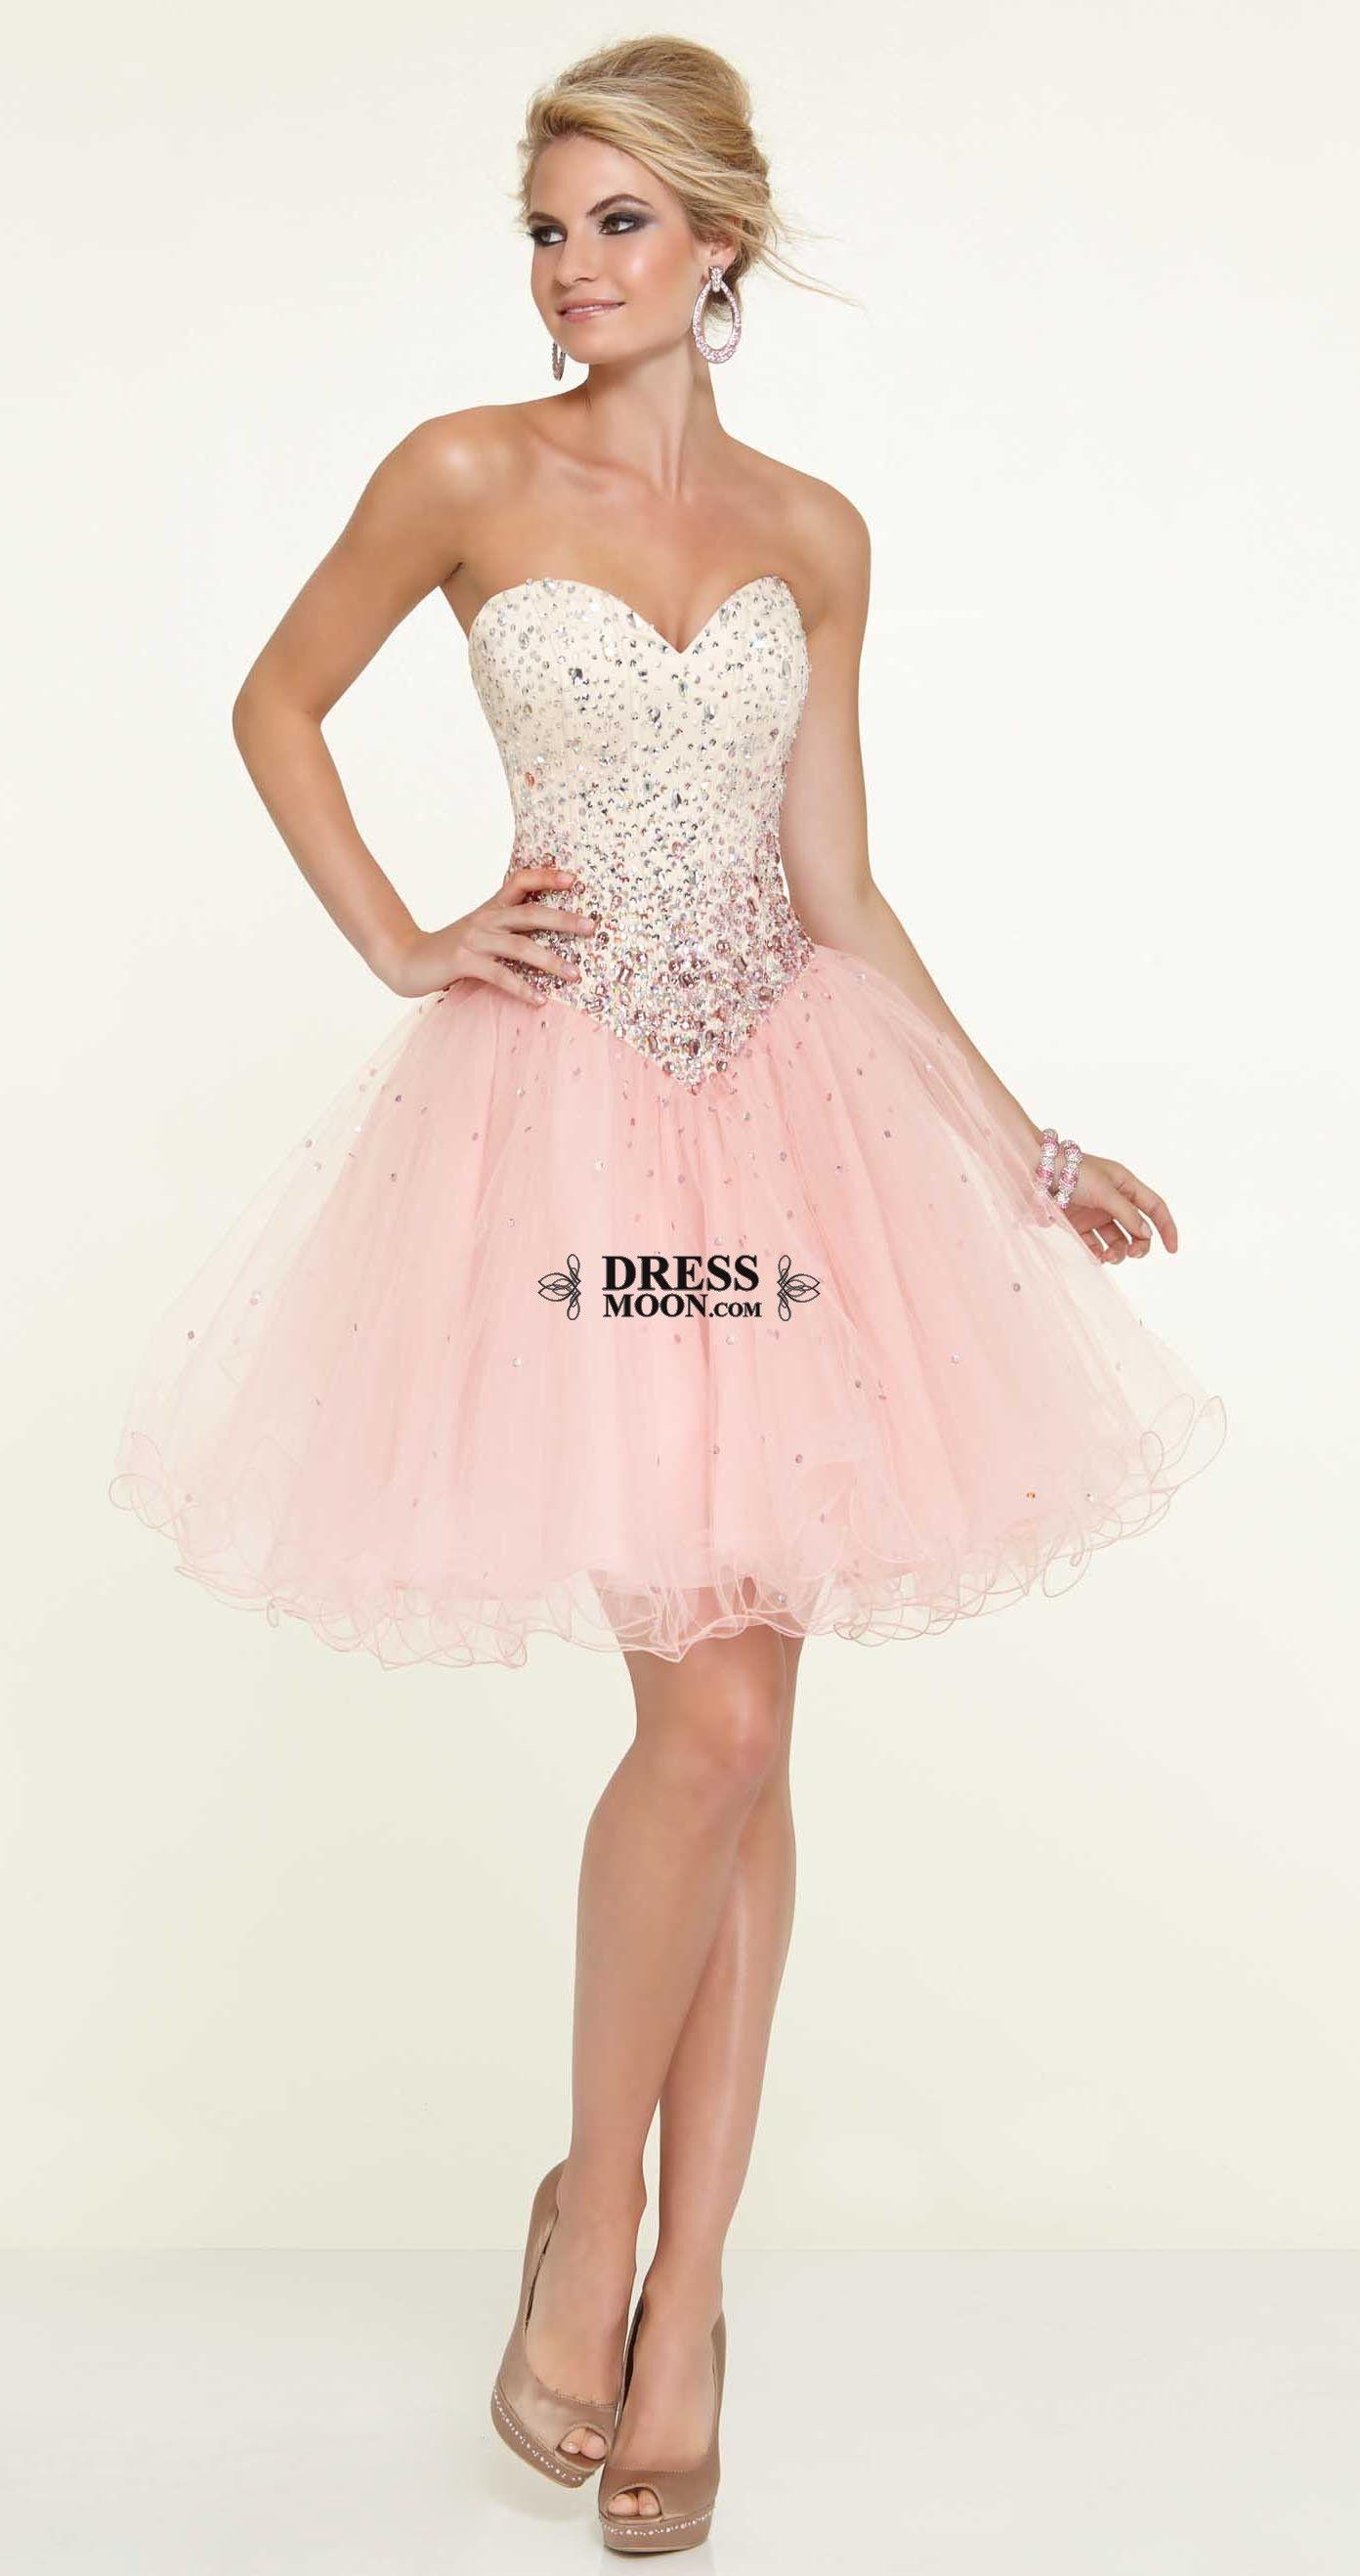 Graduation Dress Graduation Dresses | Graduation Dress | Pinterest